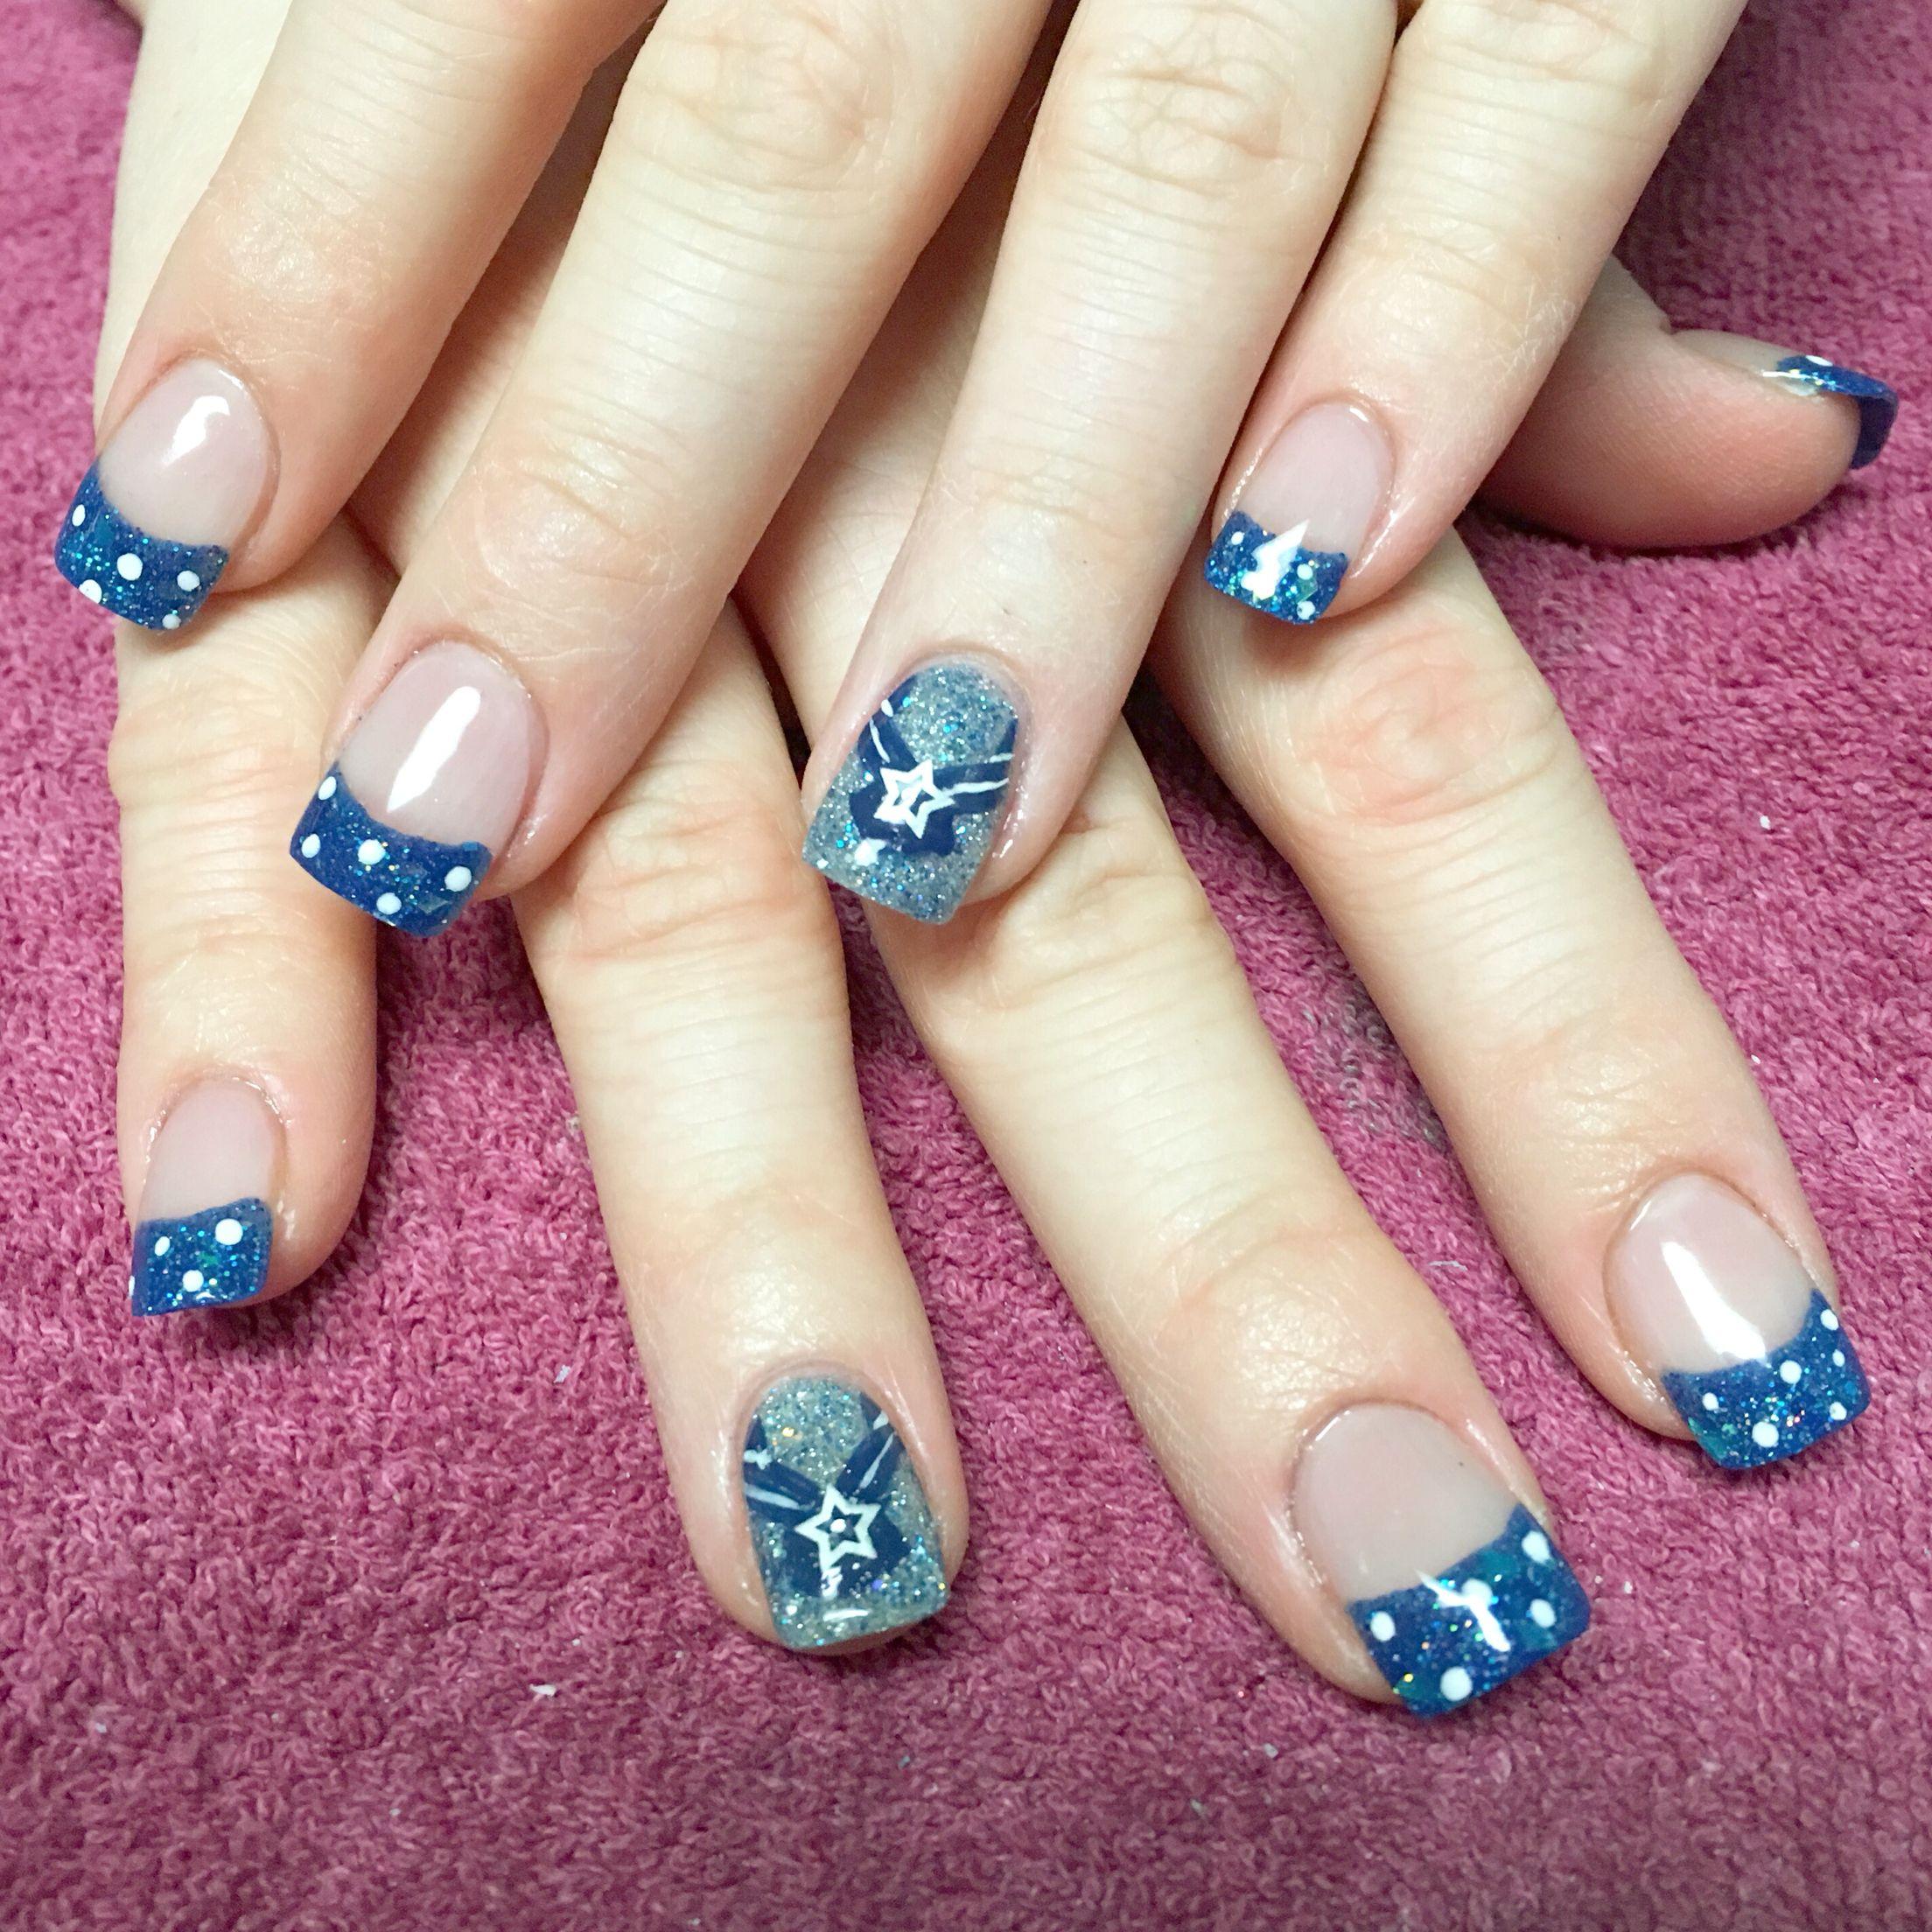 Air Force nails Airman nail art NailsbyAmyb nailsbyamyb